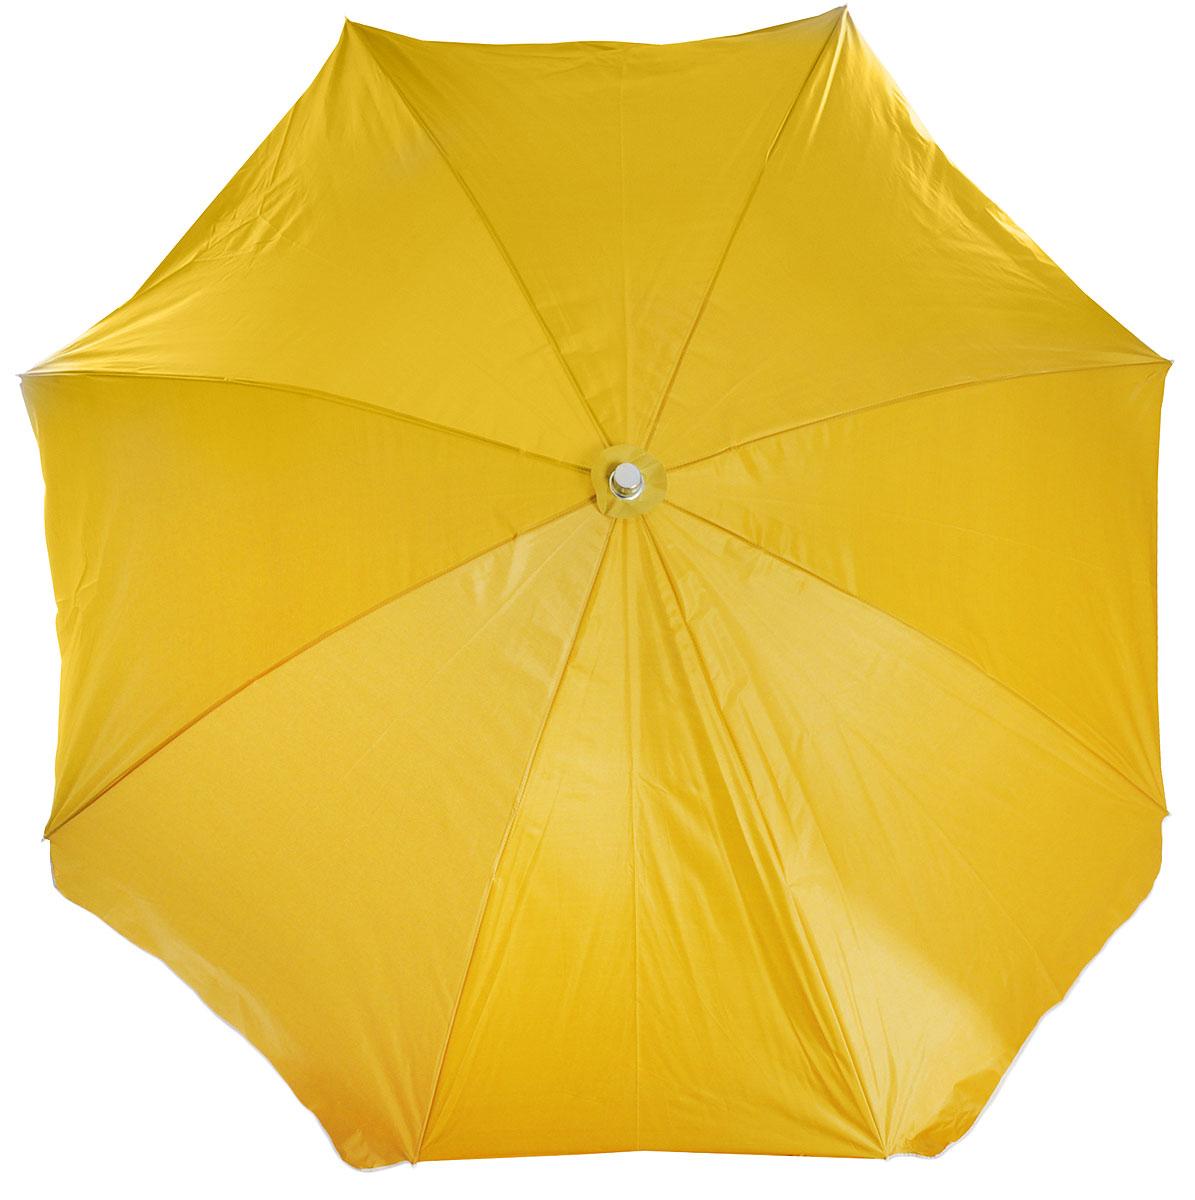 Зонт пляжный Wildman Робинзон, диаметр купола 250 смKOC2028LEDСобираясь на пляж, на пикник или на дачу, не забудьте взять с собой пляжный зонт Wildman Робинзон. Это простое и очень удобное приспособление, которое просто необходимо на природе. Пляжный зонт способен эффективно защитить вас и ваших близких от палящего солнца. С ним вы сможете провести на природе гораздо больше времени. Пляжный зонт обладает высокой надежностью и функциональностью. Он прост в установке и при этом отличается высокой устойчивостью. Каркас изделия выполнен из прочной стали, купол из высококачественного полиэстера.Диаметр купола: 250 см.Высота зонта: 235 см.